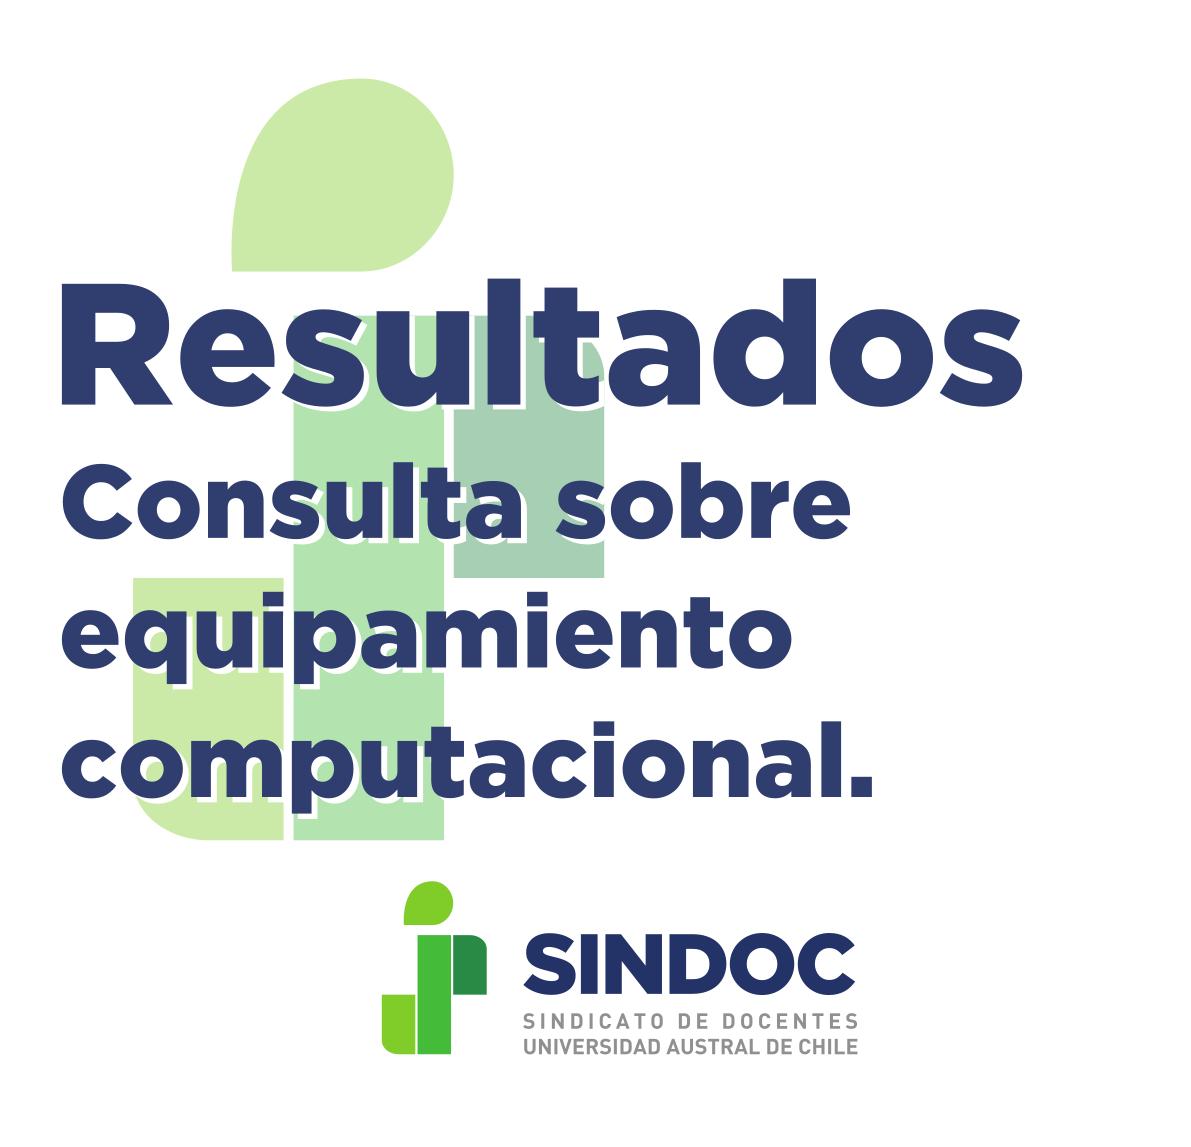 Resultados de Consulta SINDOC sobre equipamiento computacional para realizar labores de docencia a distancia.